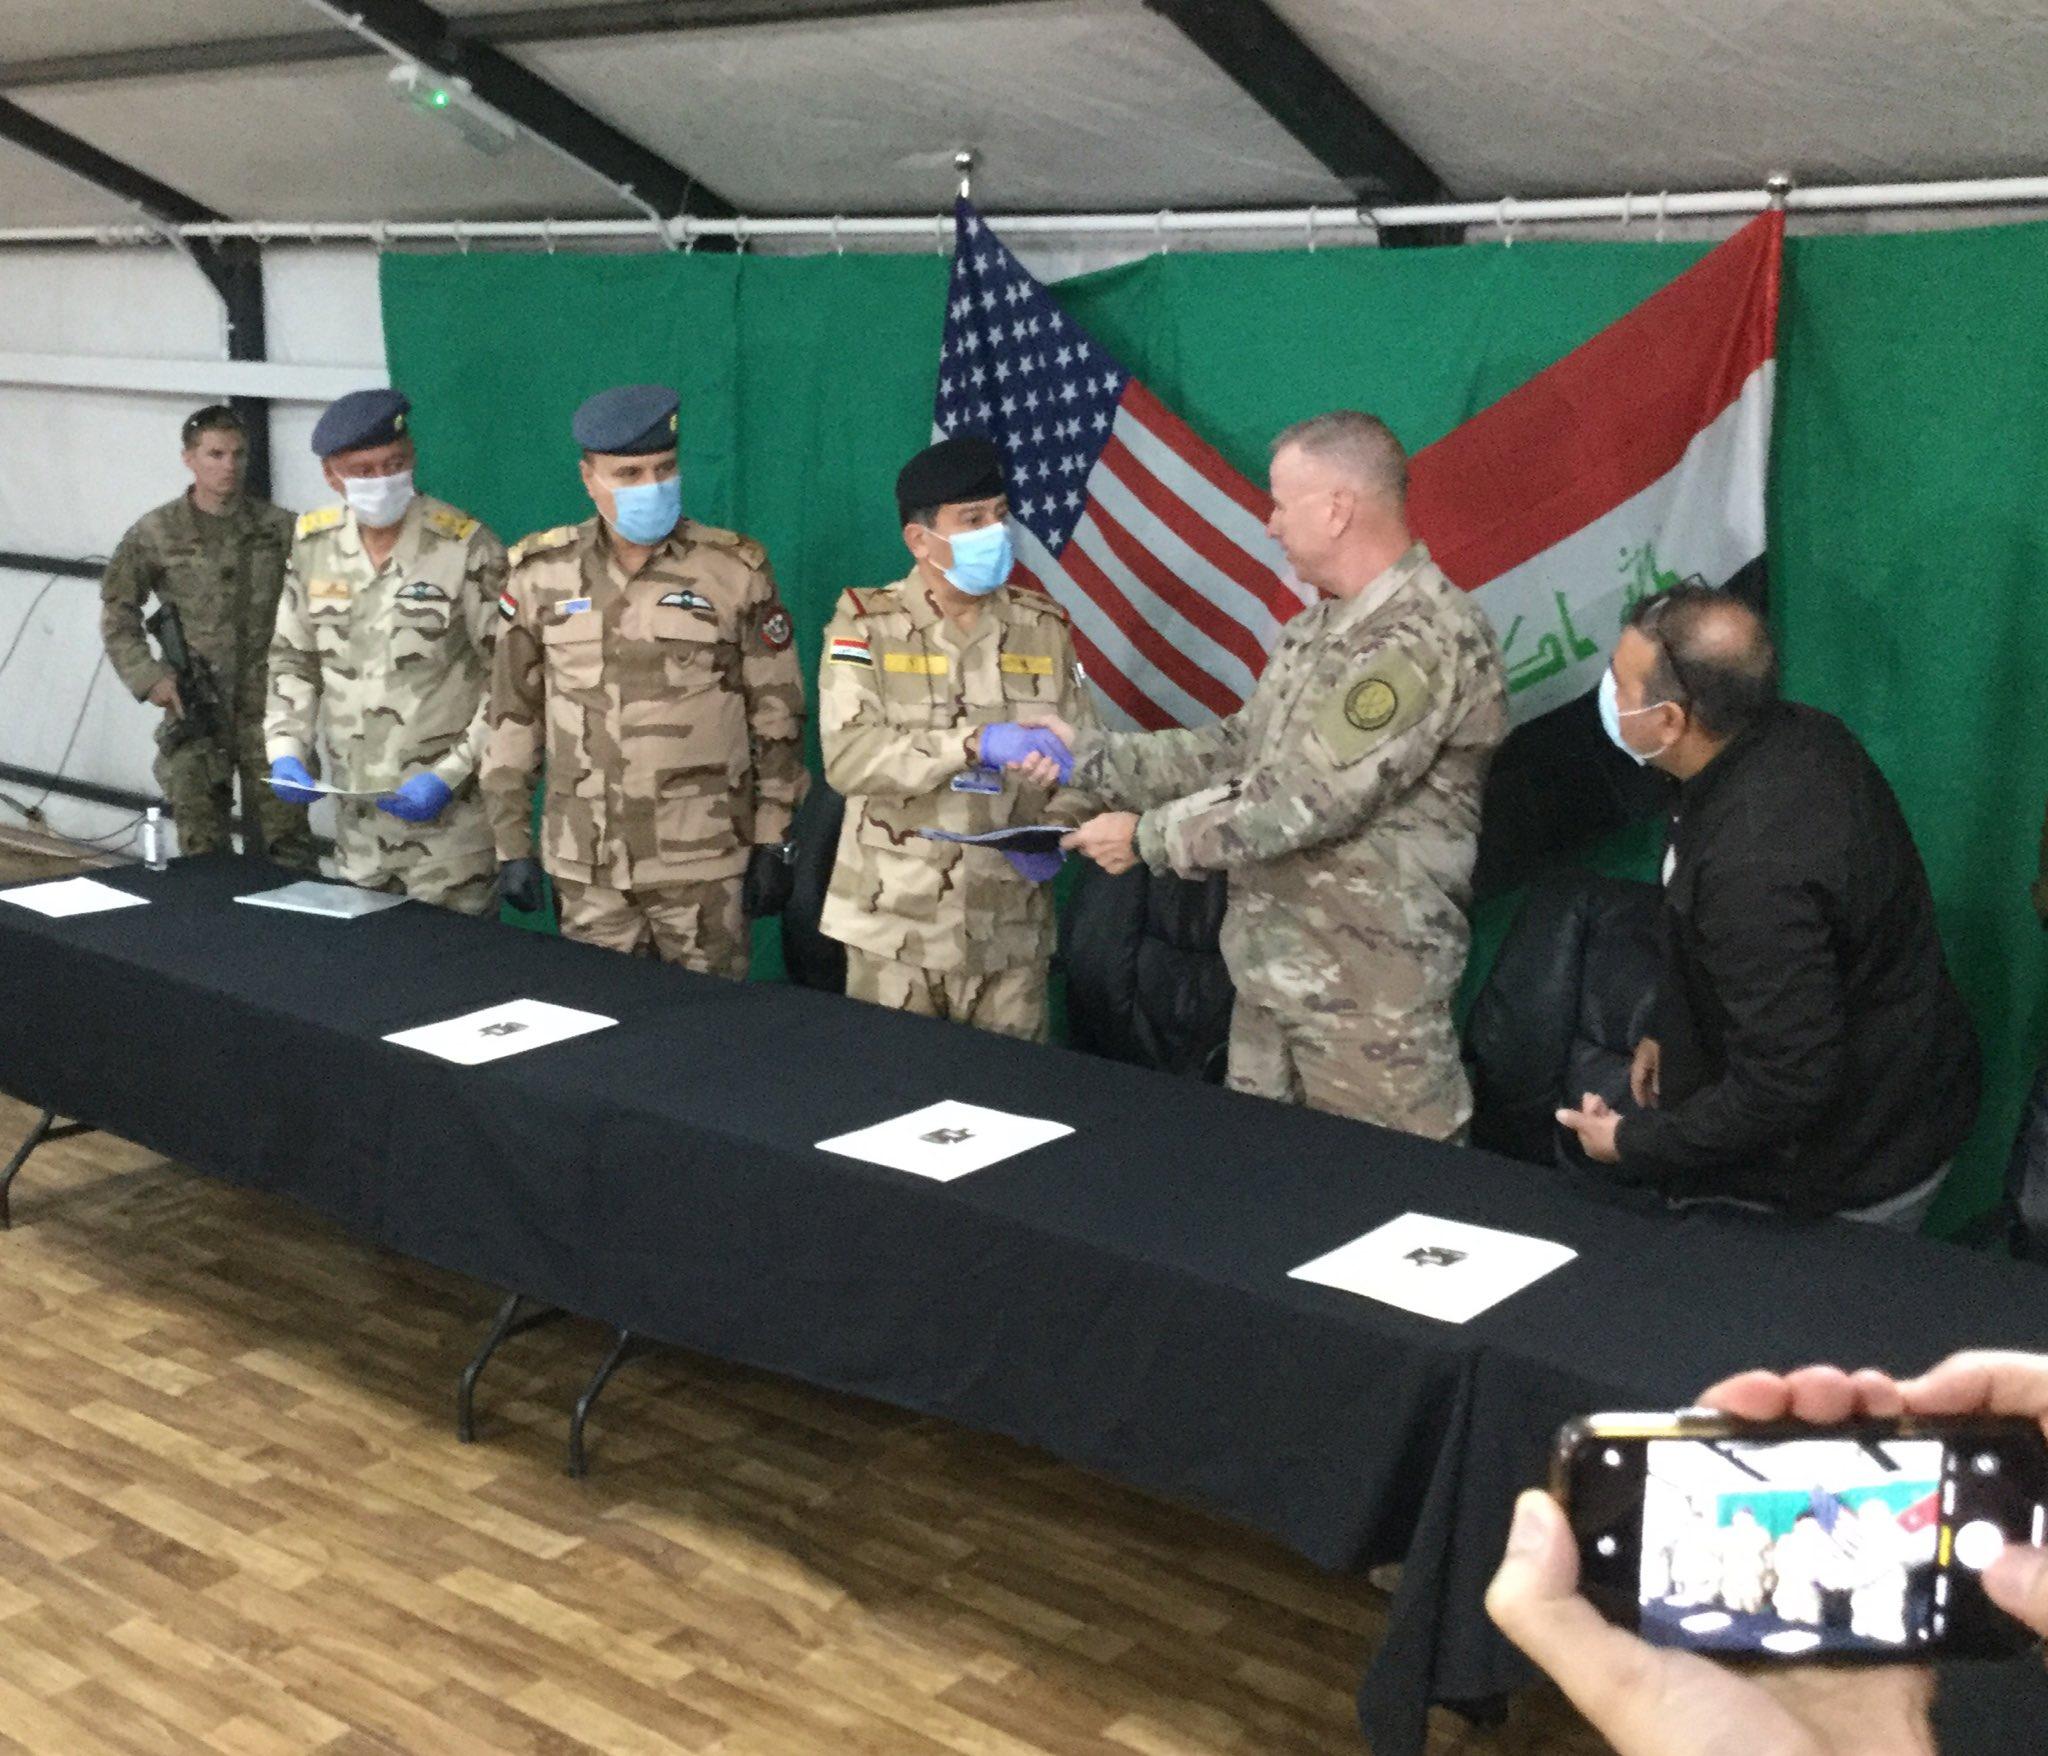 ترامب: على بغداد أن تدفع إذا سحبنا قواتنا من العراق EUBvtR6XgAIJmVV?format=jpg&name=large